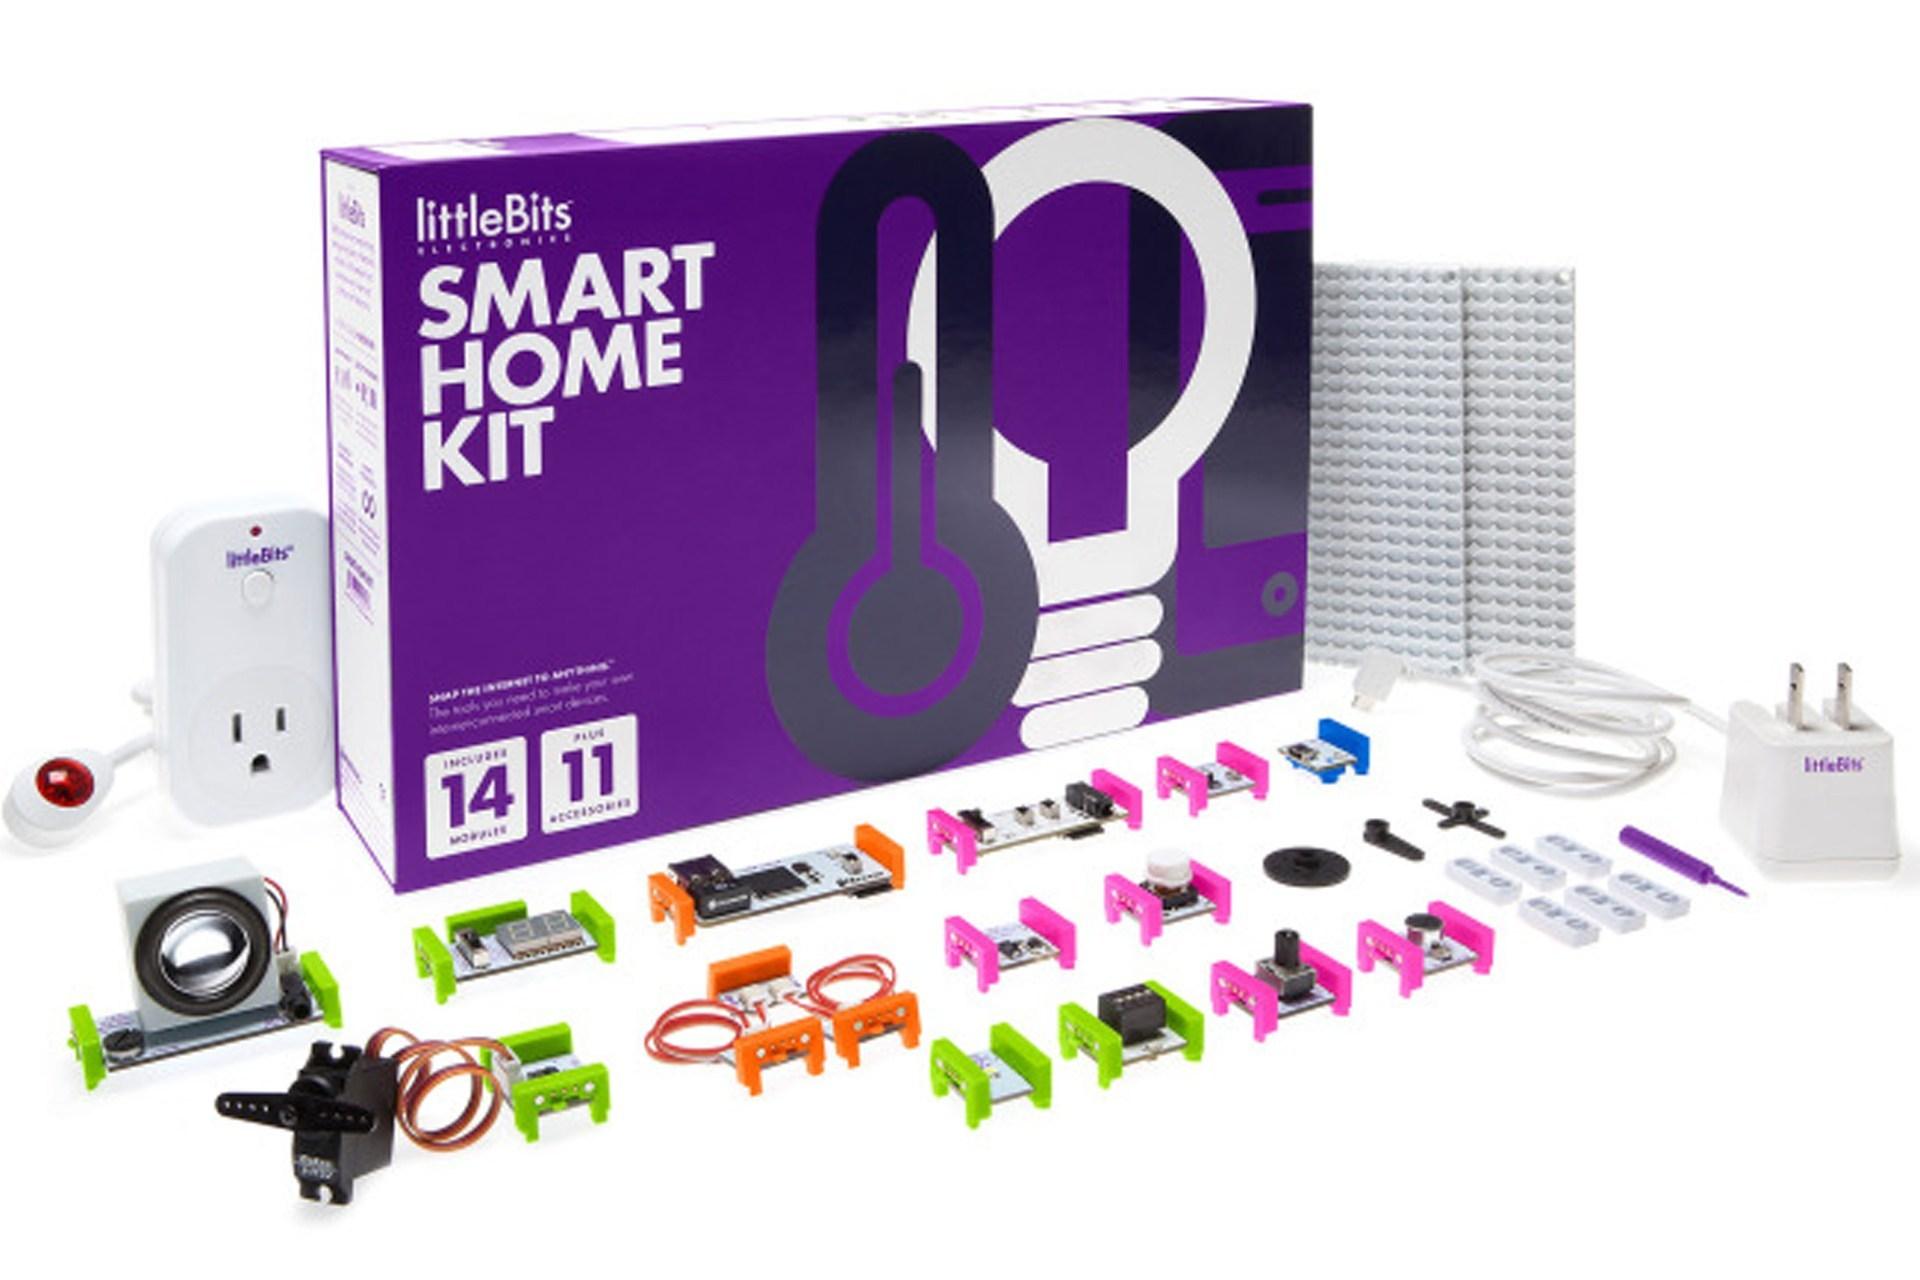 Почти весь умный дом: большая подборка отдельных смарт-элементов: лампы, розетки, климат, экология и безопасность - 56